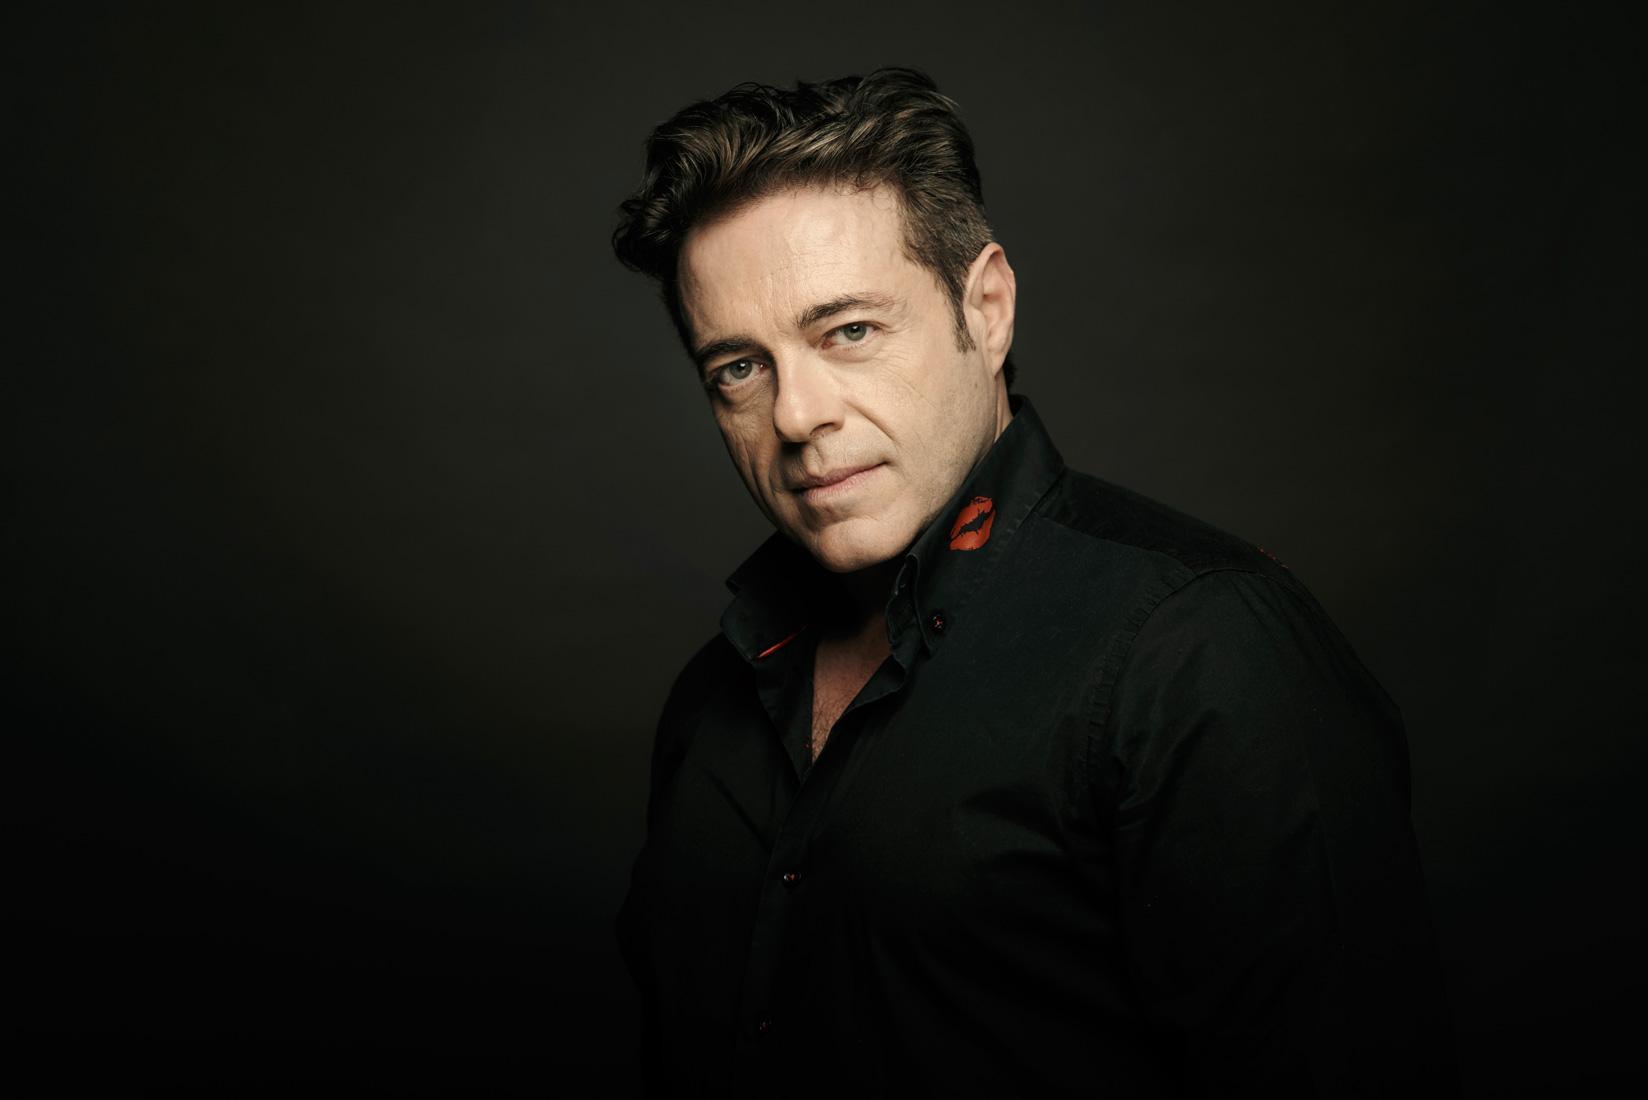 José Luis Casanova